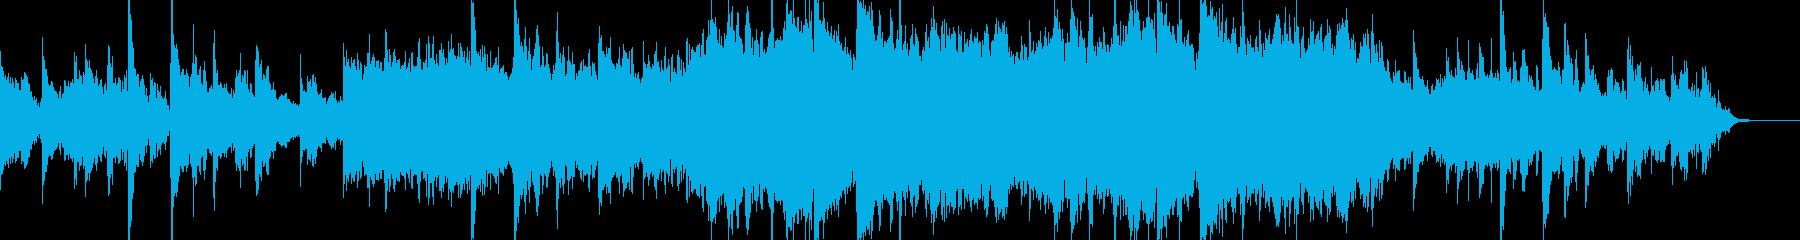 ループ可、癒し、ピアノ、弦楽、波と風音の再生済みの波形